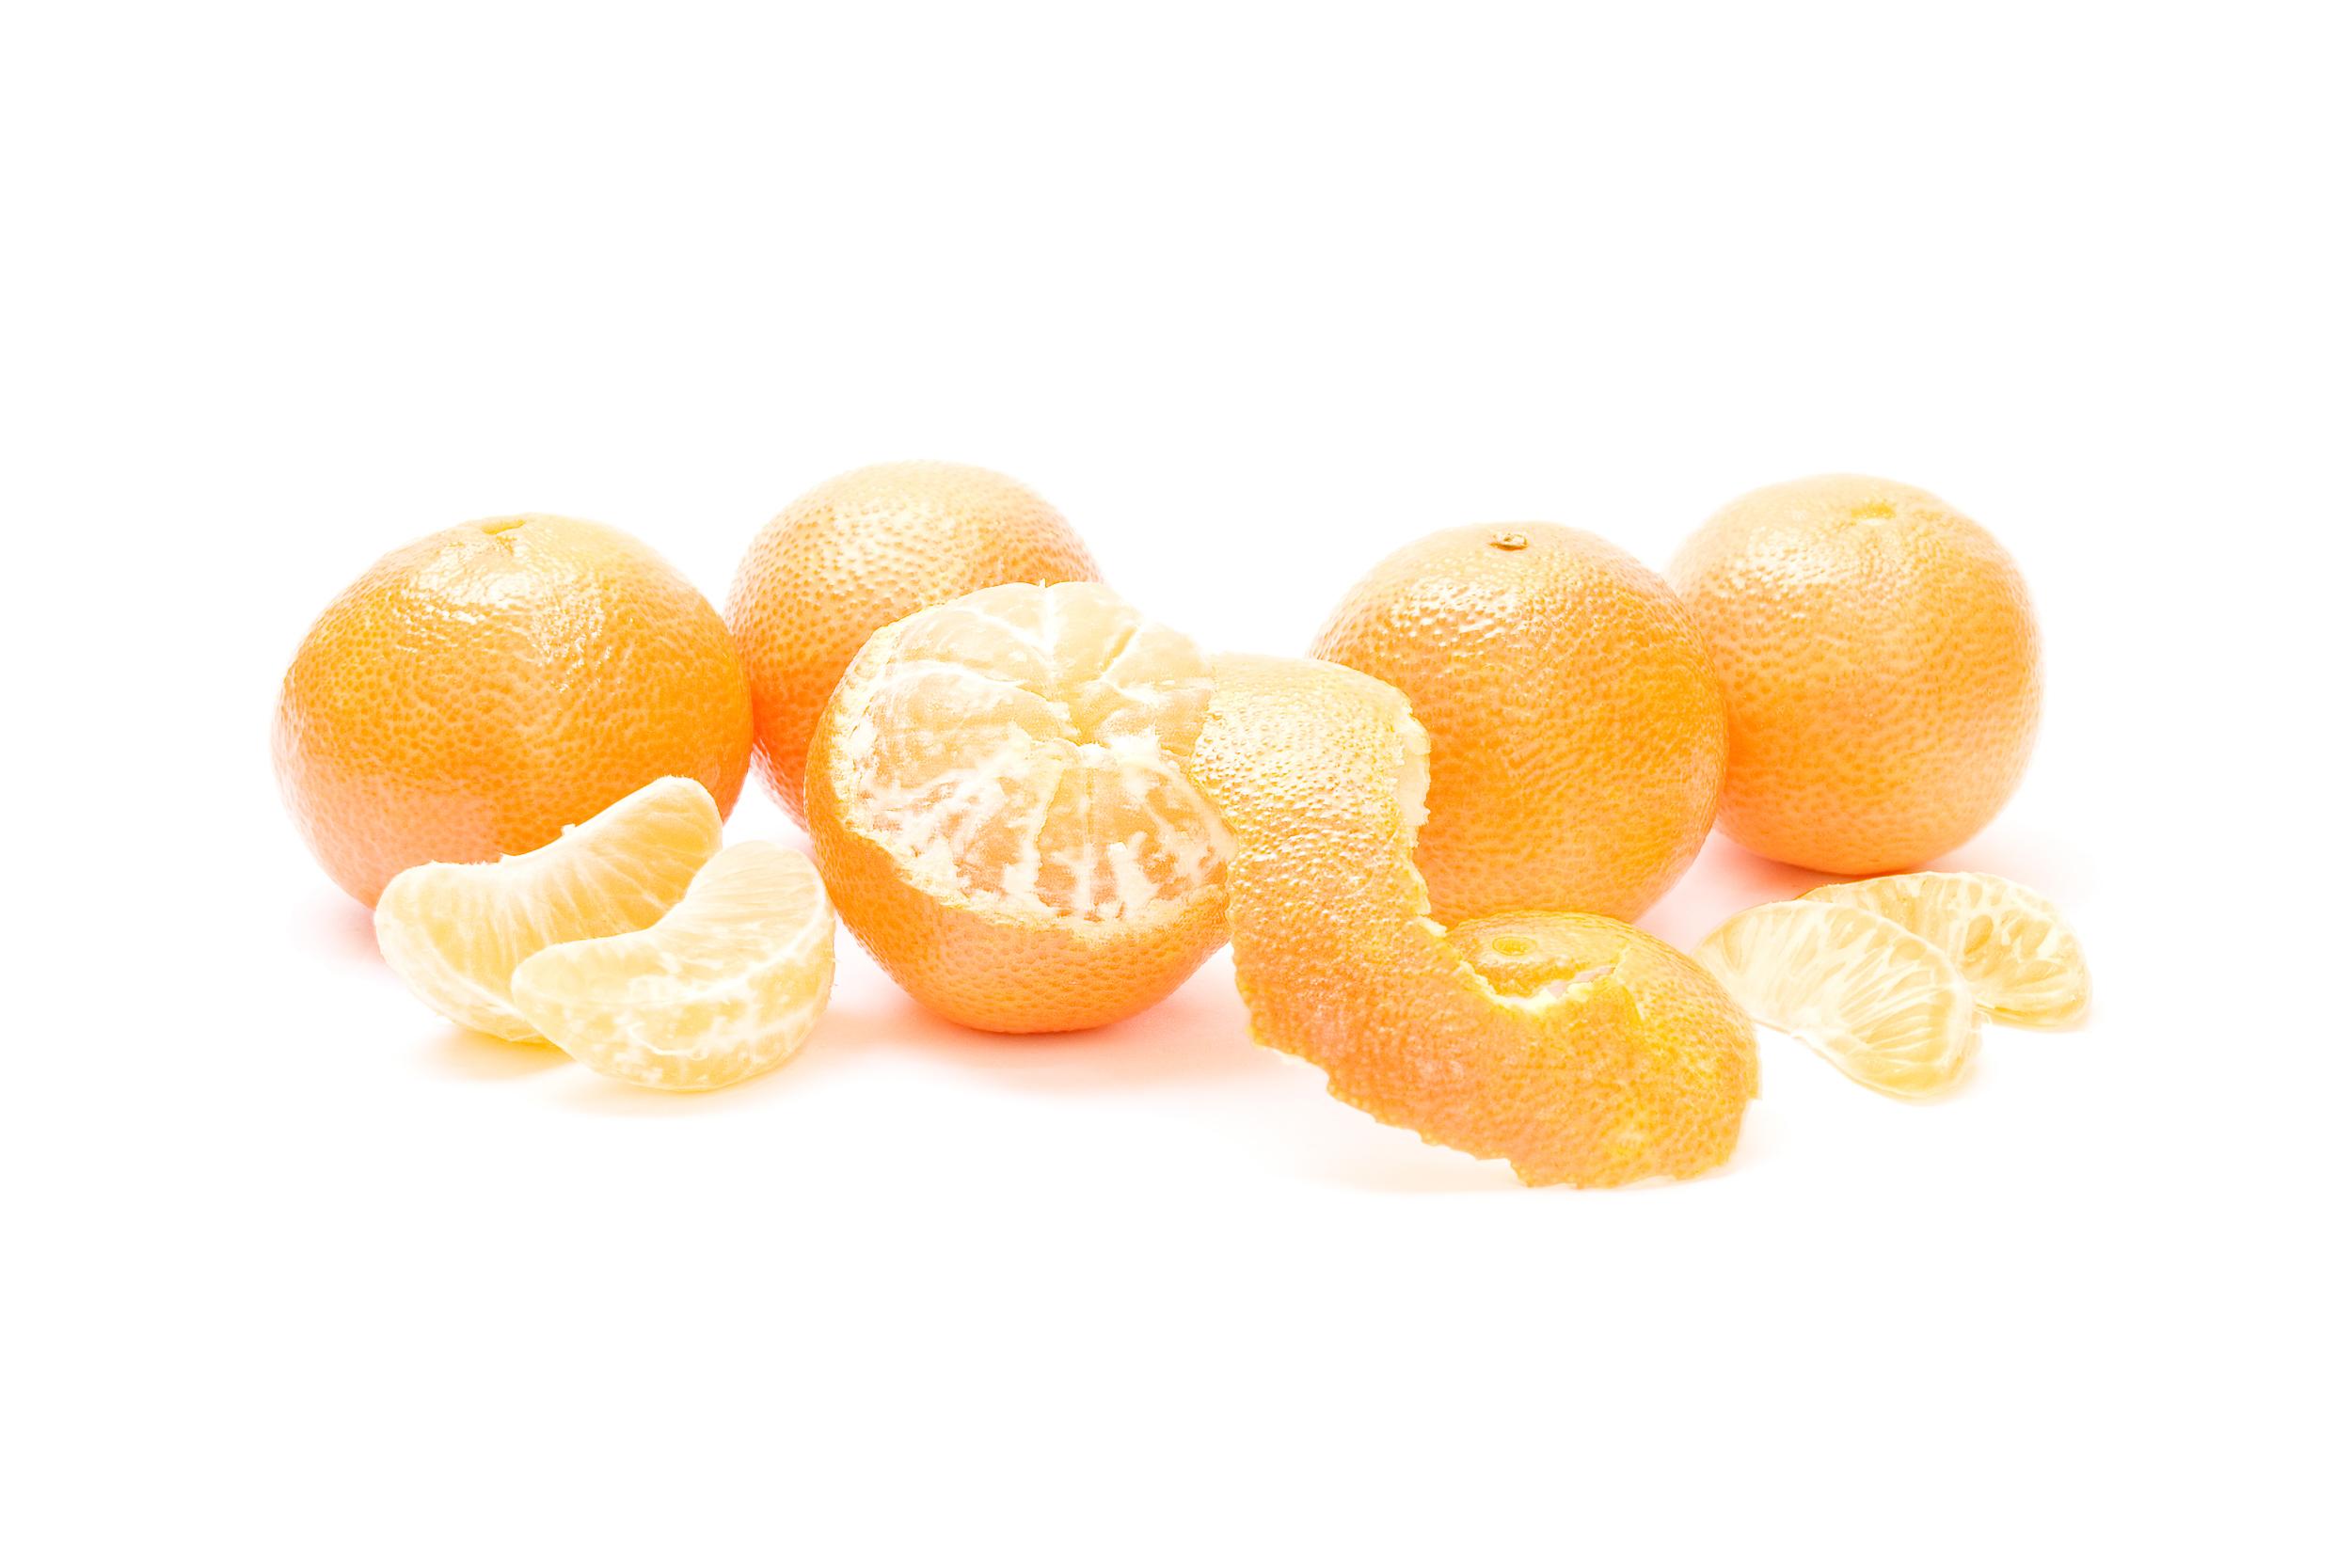 Peeled oranges photo